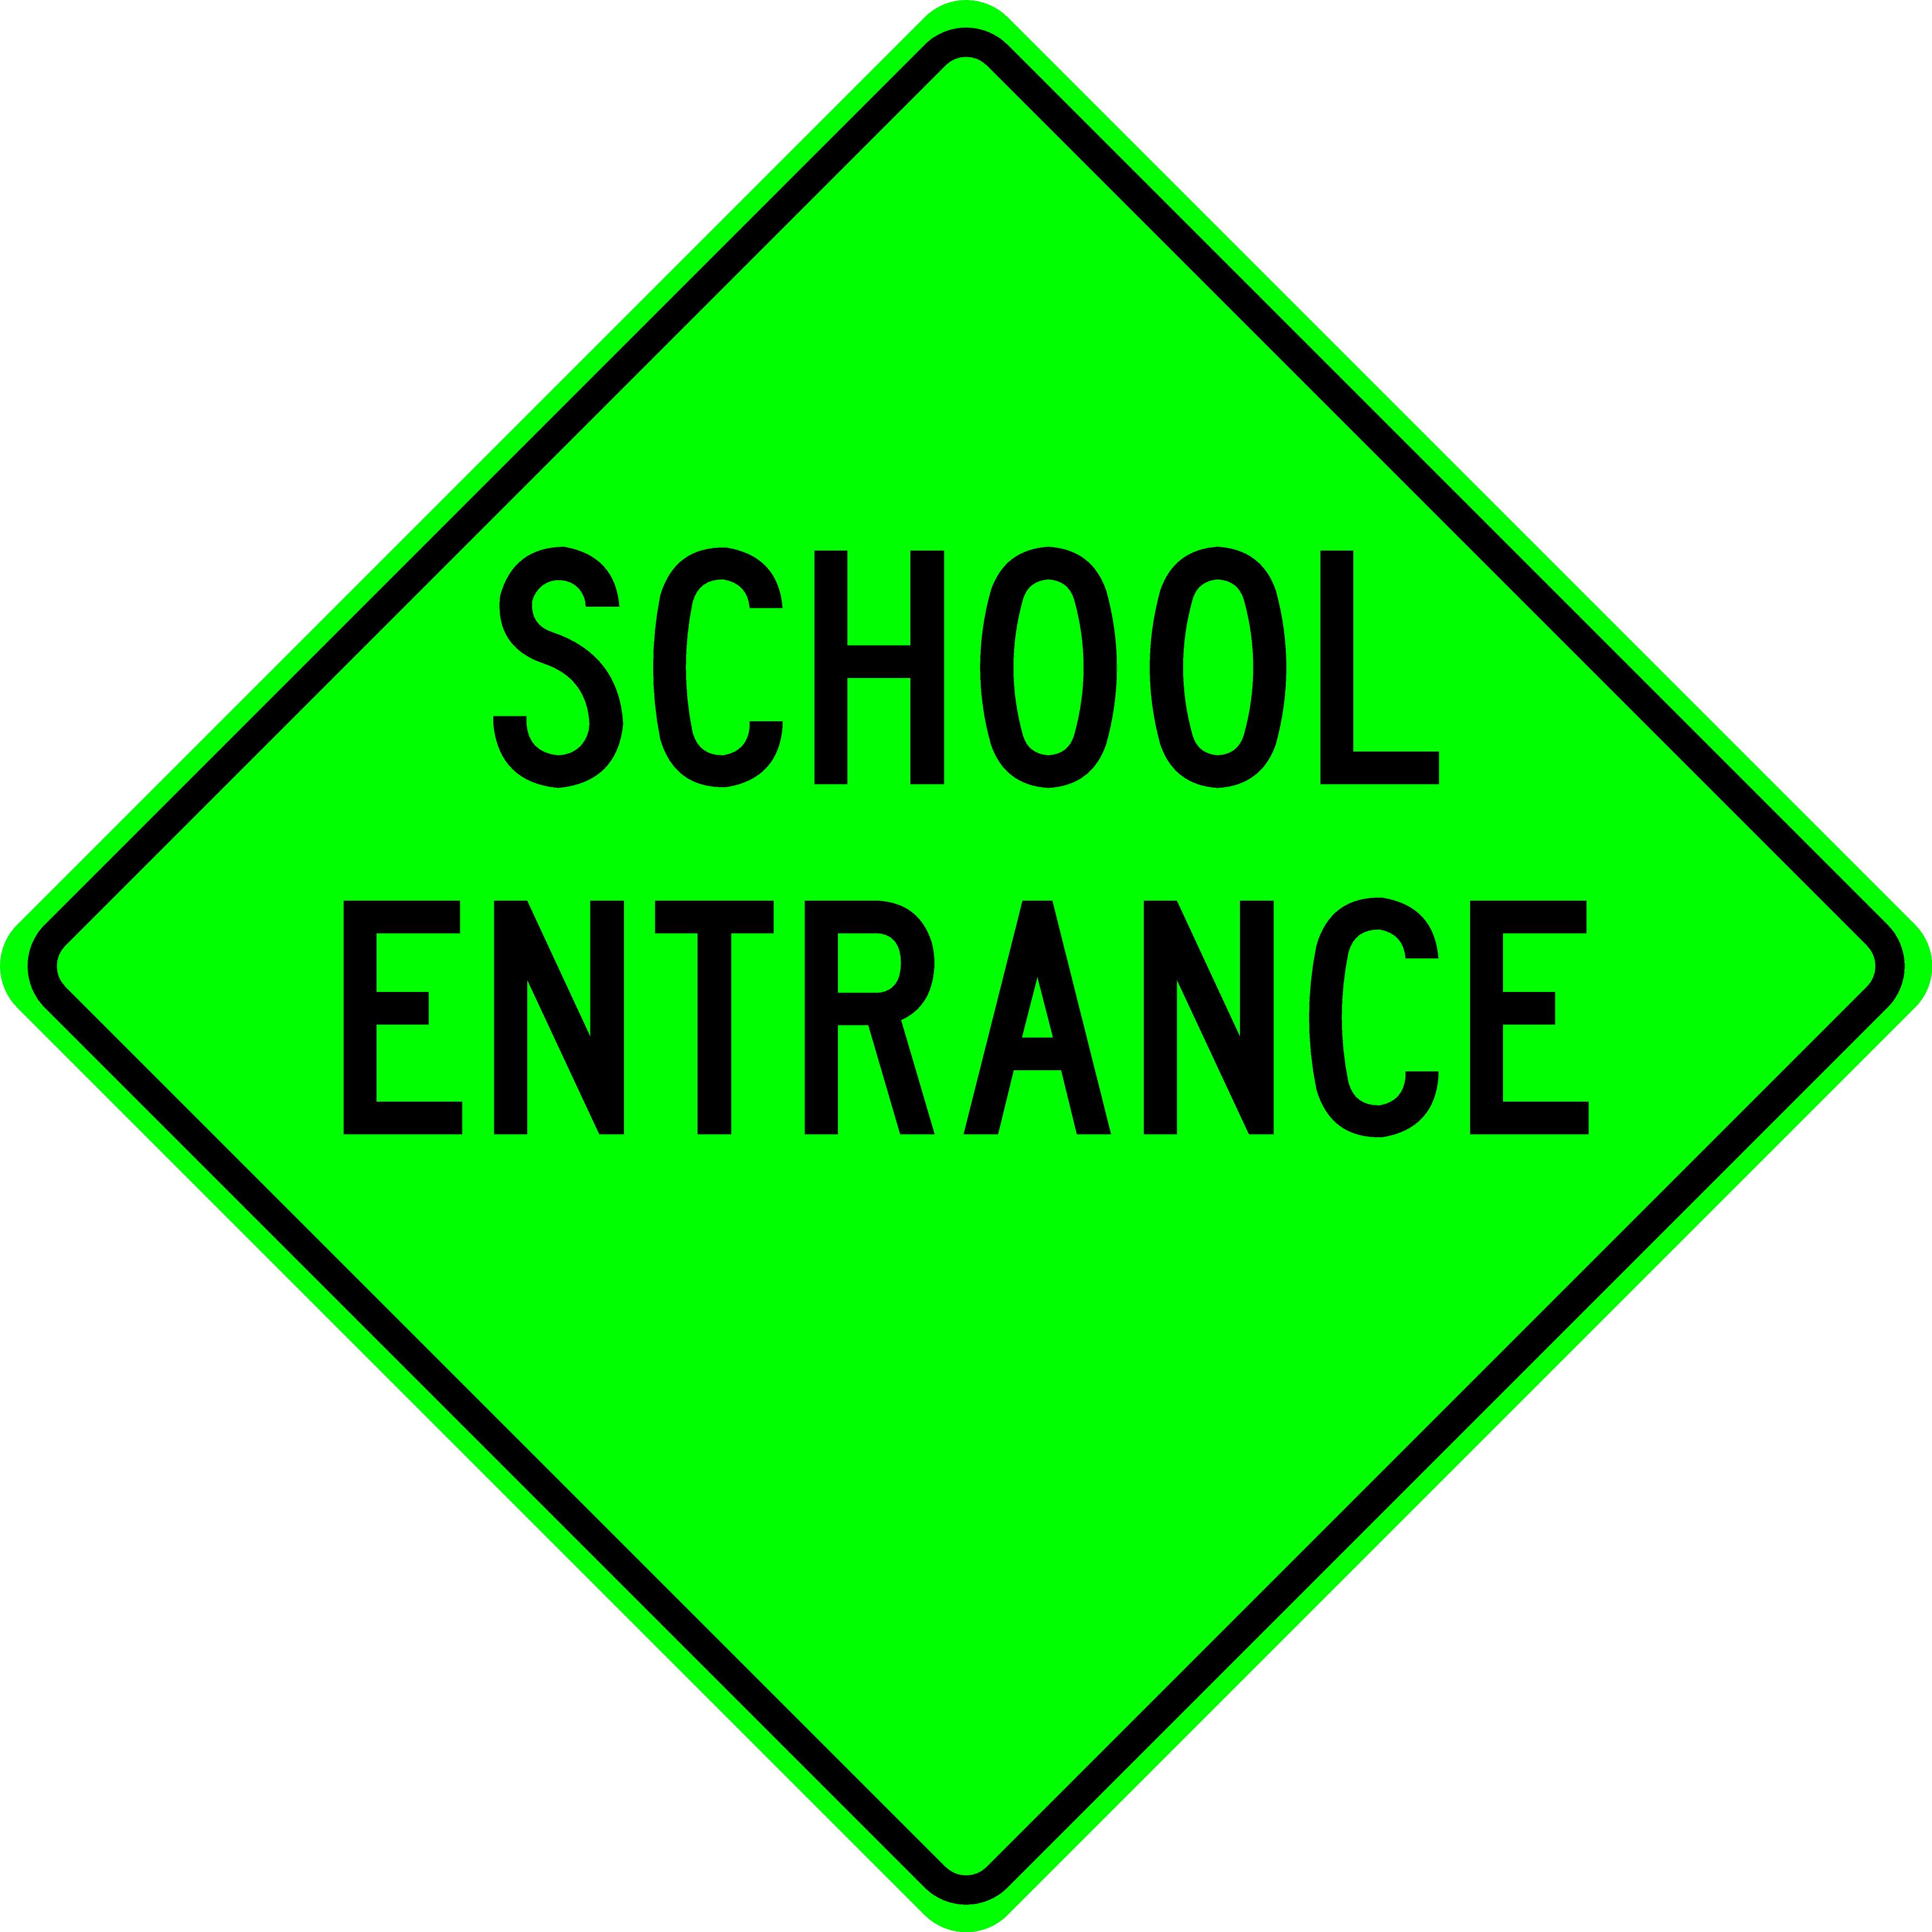 School Entrance (S3-H3)